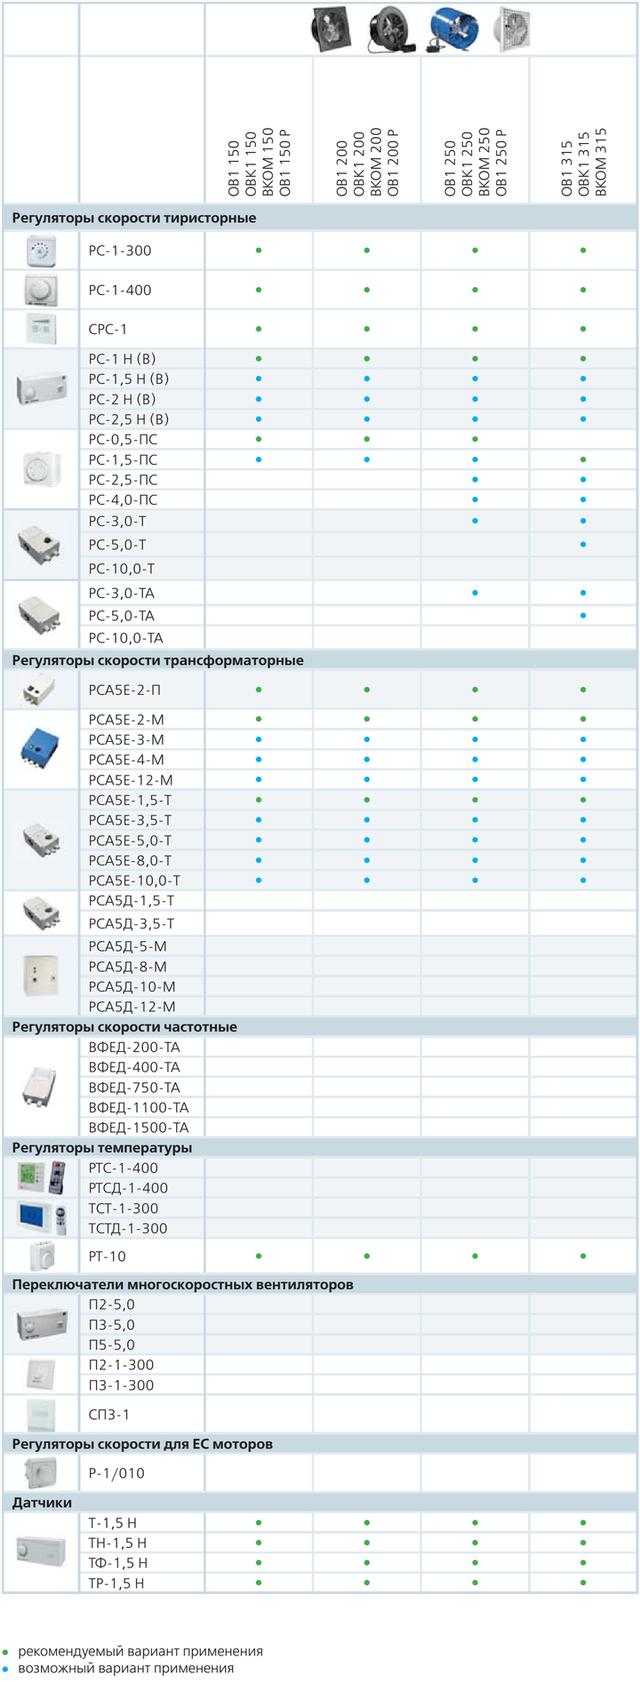 Таблица совместимости электропринадлежностей (регулирующих и управляющих устройств) с осевыми (аксиальными) вентиляторами низкого давления ВЕНТС серий ОВ1, ОВК1, ВКОМ